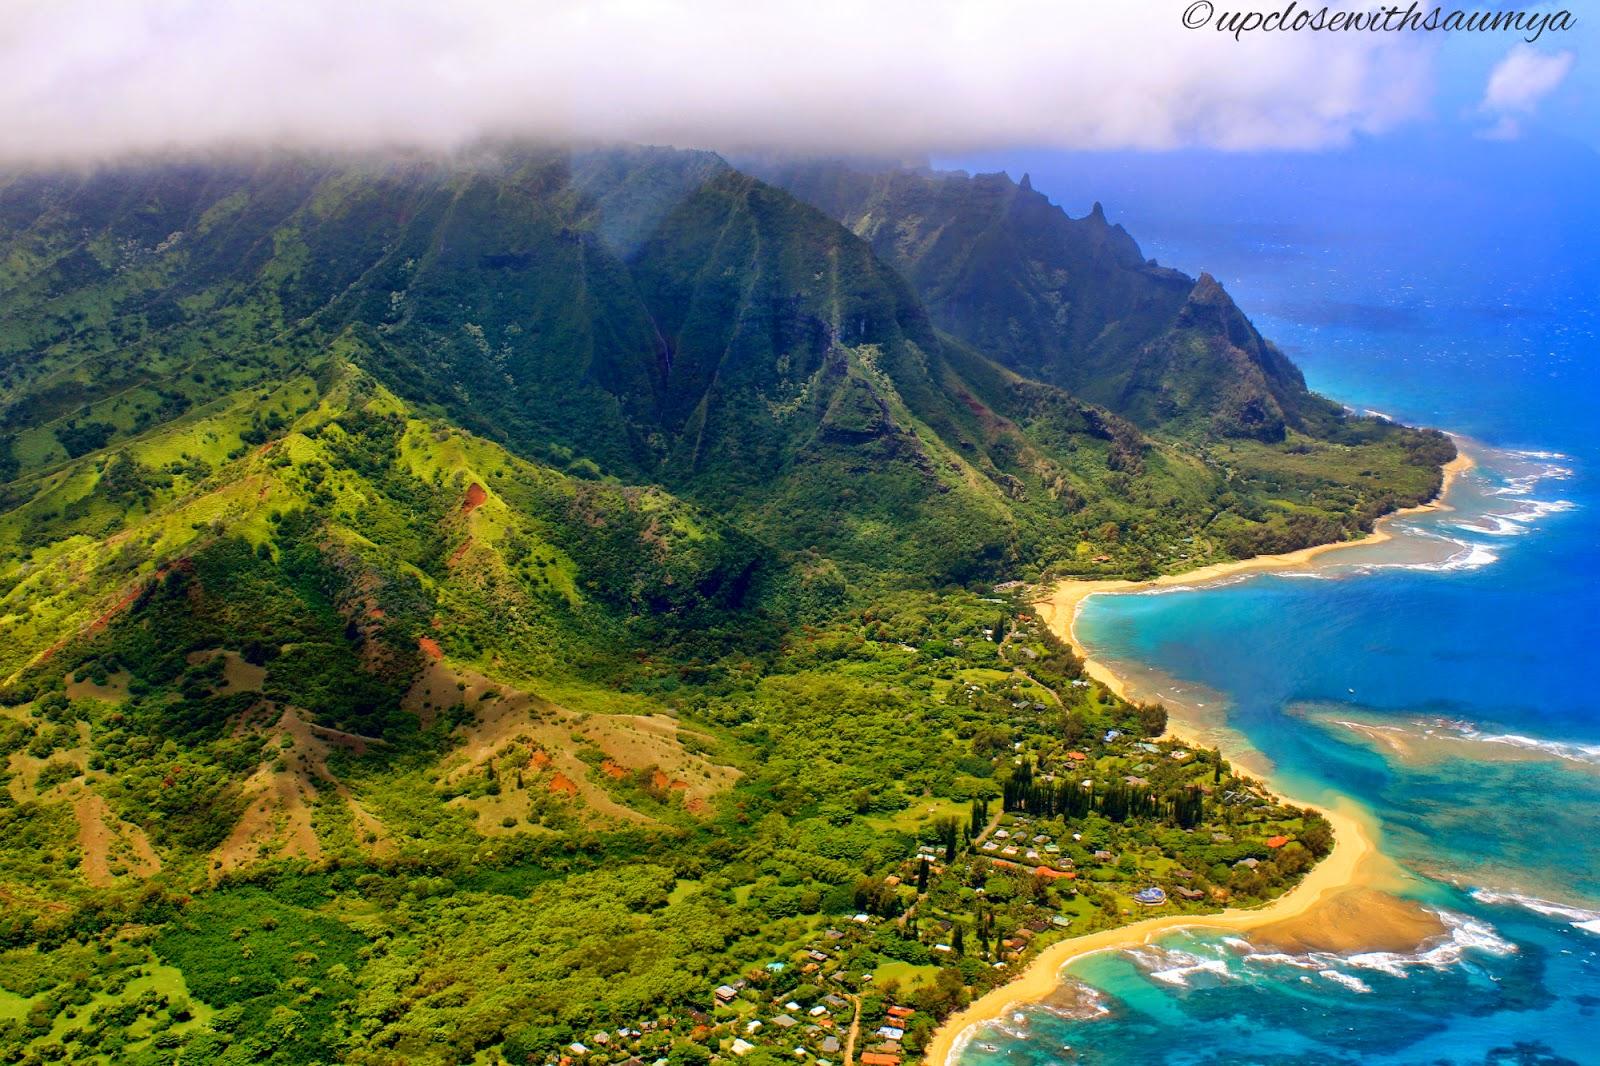 Kauai Hawaii: UpclosewithSaumya: Welcome To Paradise....Kauai (The